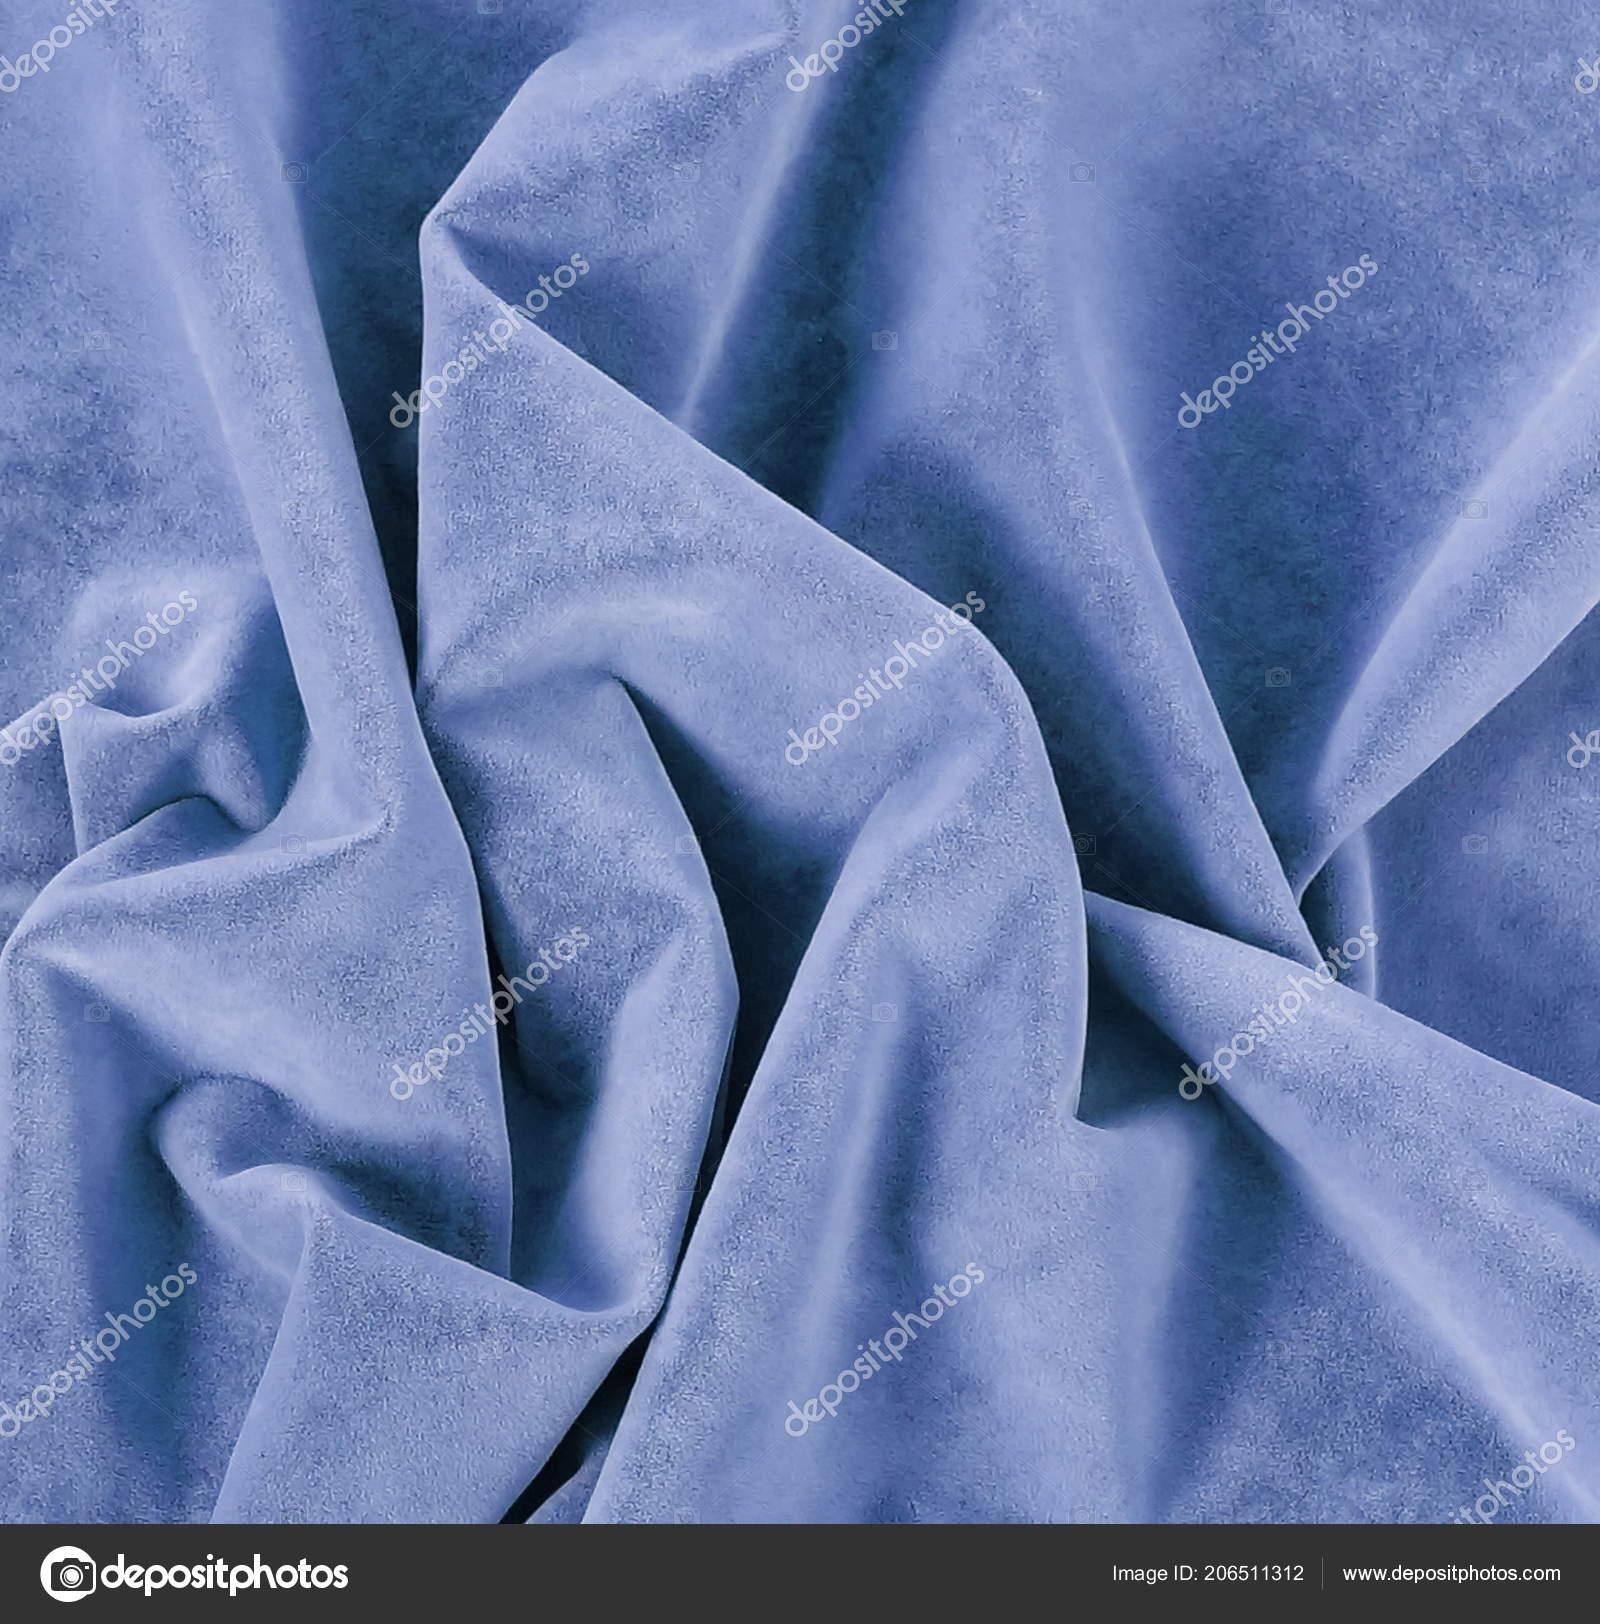 c3c2919b5647 Βελούδο Παστέλ Χρώματα Πανάκριβη Πολυτέλεια Φόντο Υφή Ύφασμα Υλικό ...